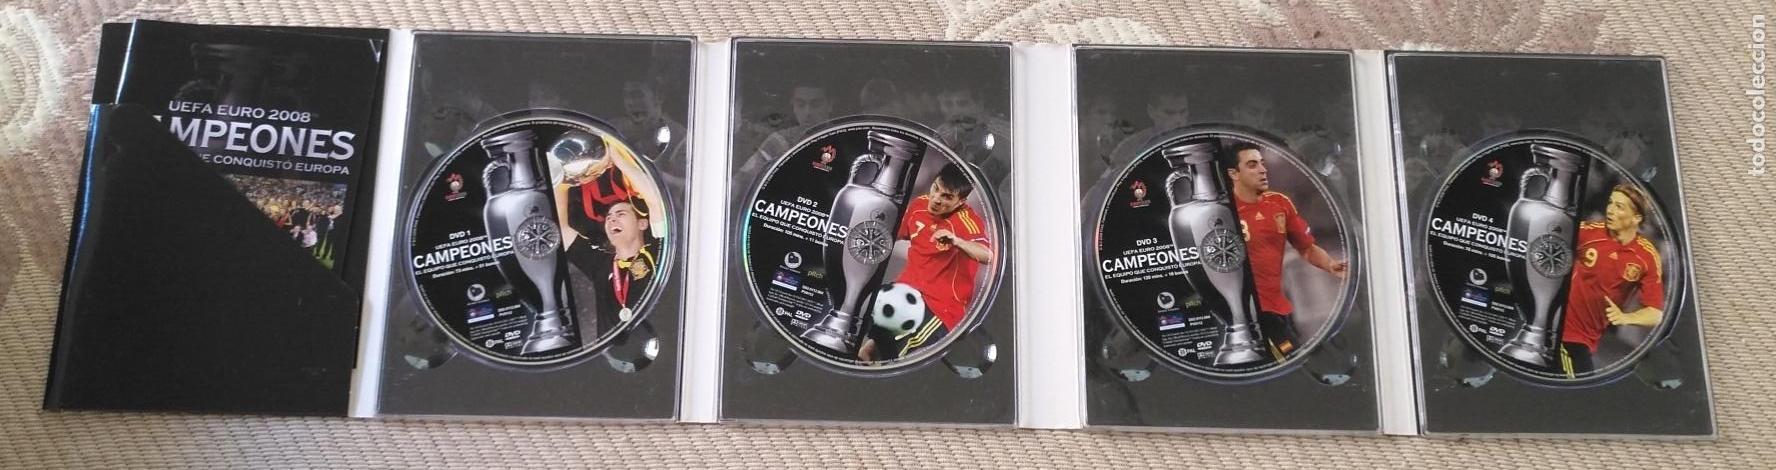 Coleccionismo deportivo: FUTBOL UEFA EURO 2008 TM CAMPEONES EL EQUIPO QUE CONQUISTO EUROPA 4 DVD - Foto 9 - 136257198